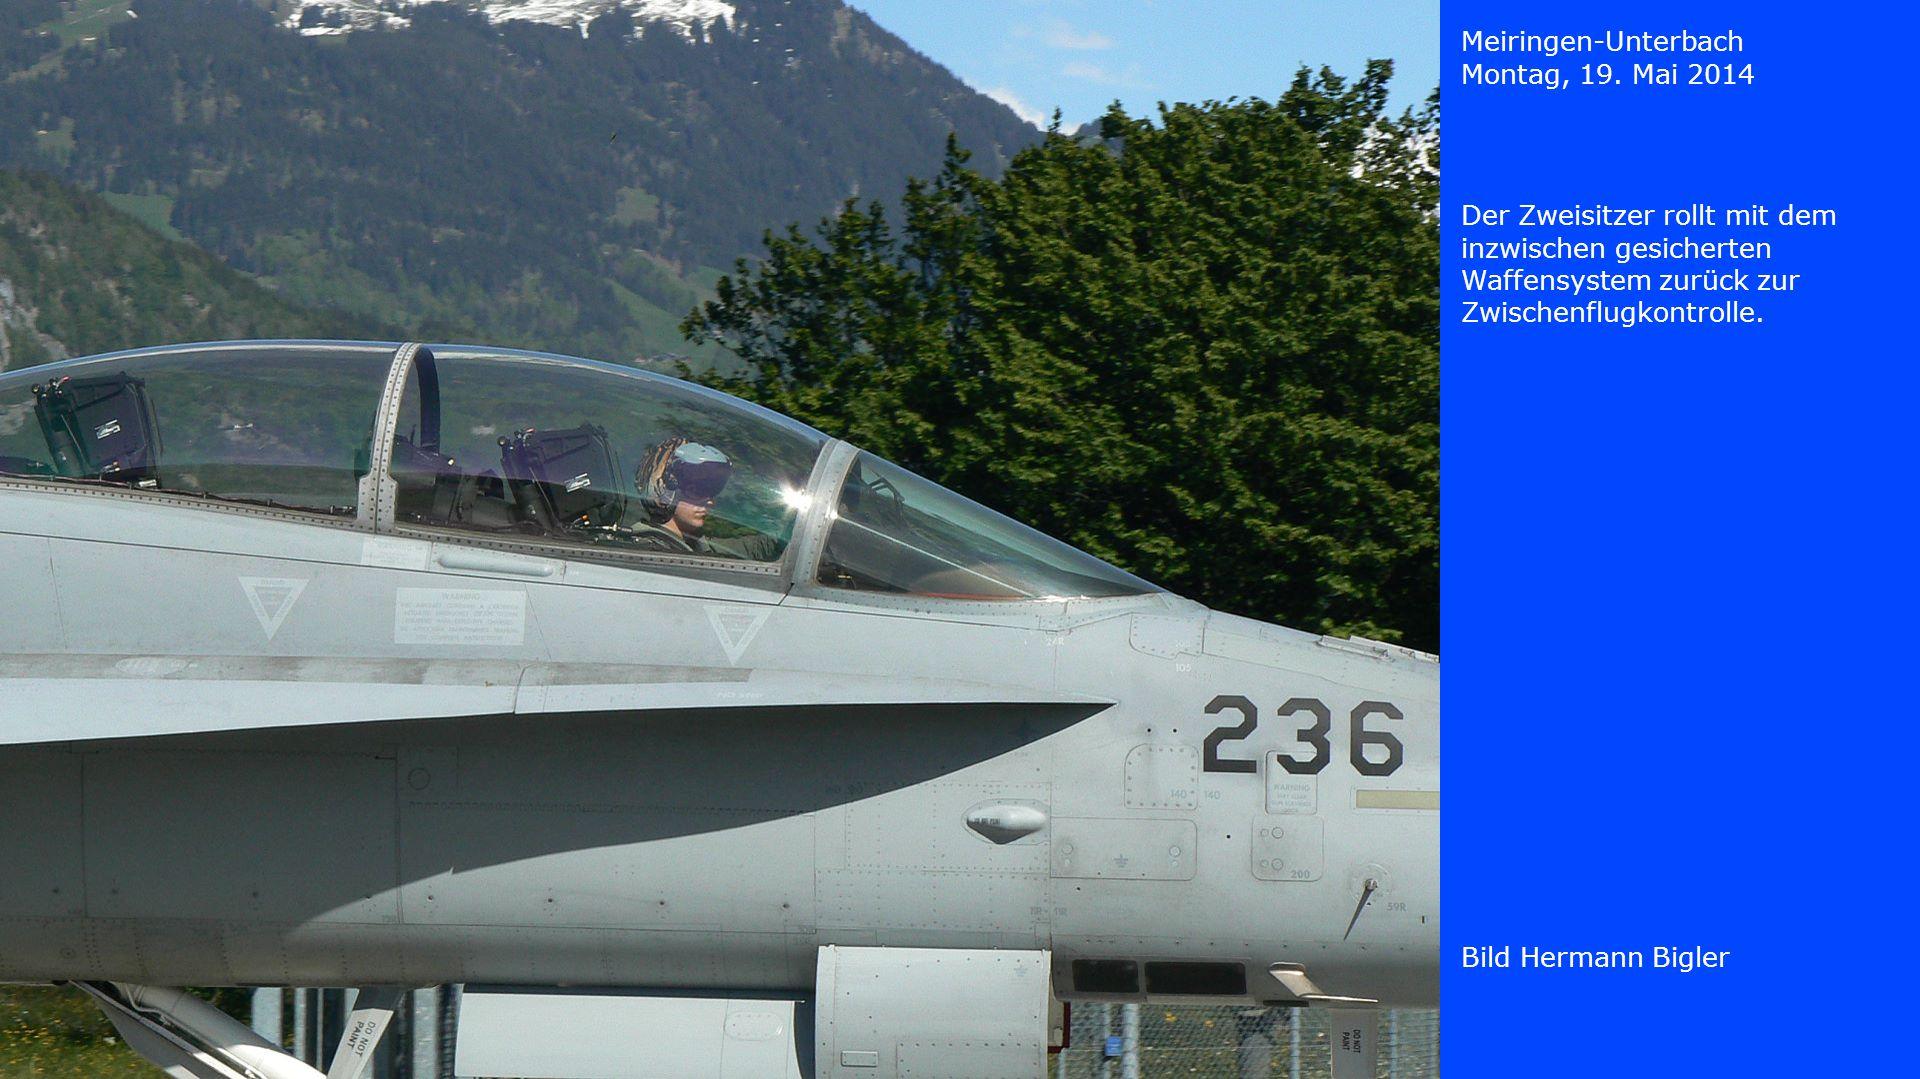 Meiringen-Unterbach Montag, 19. Mai 2014. Der Zweisitzer rollt mit dem inzwischen gesicherten Waffensystem zurück zur Zwischenflugkontrolle.